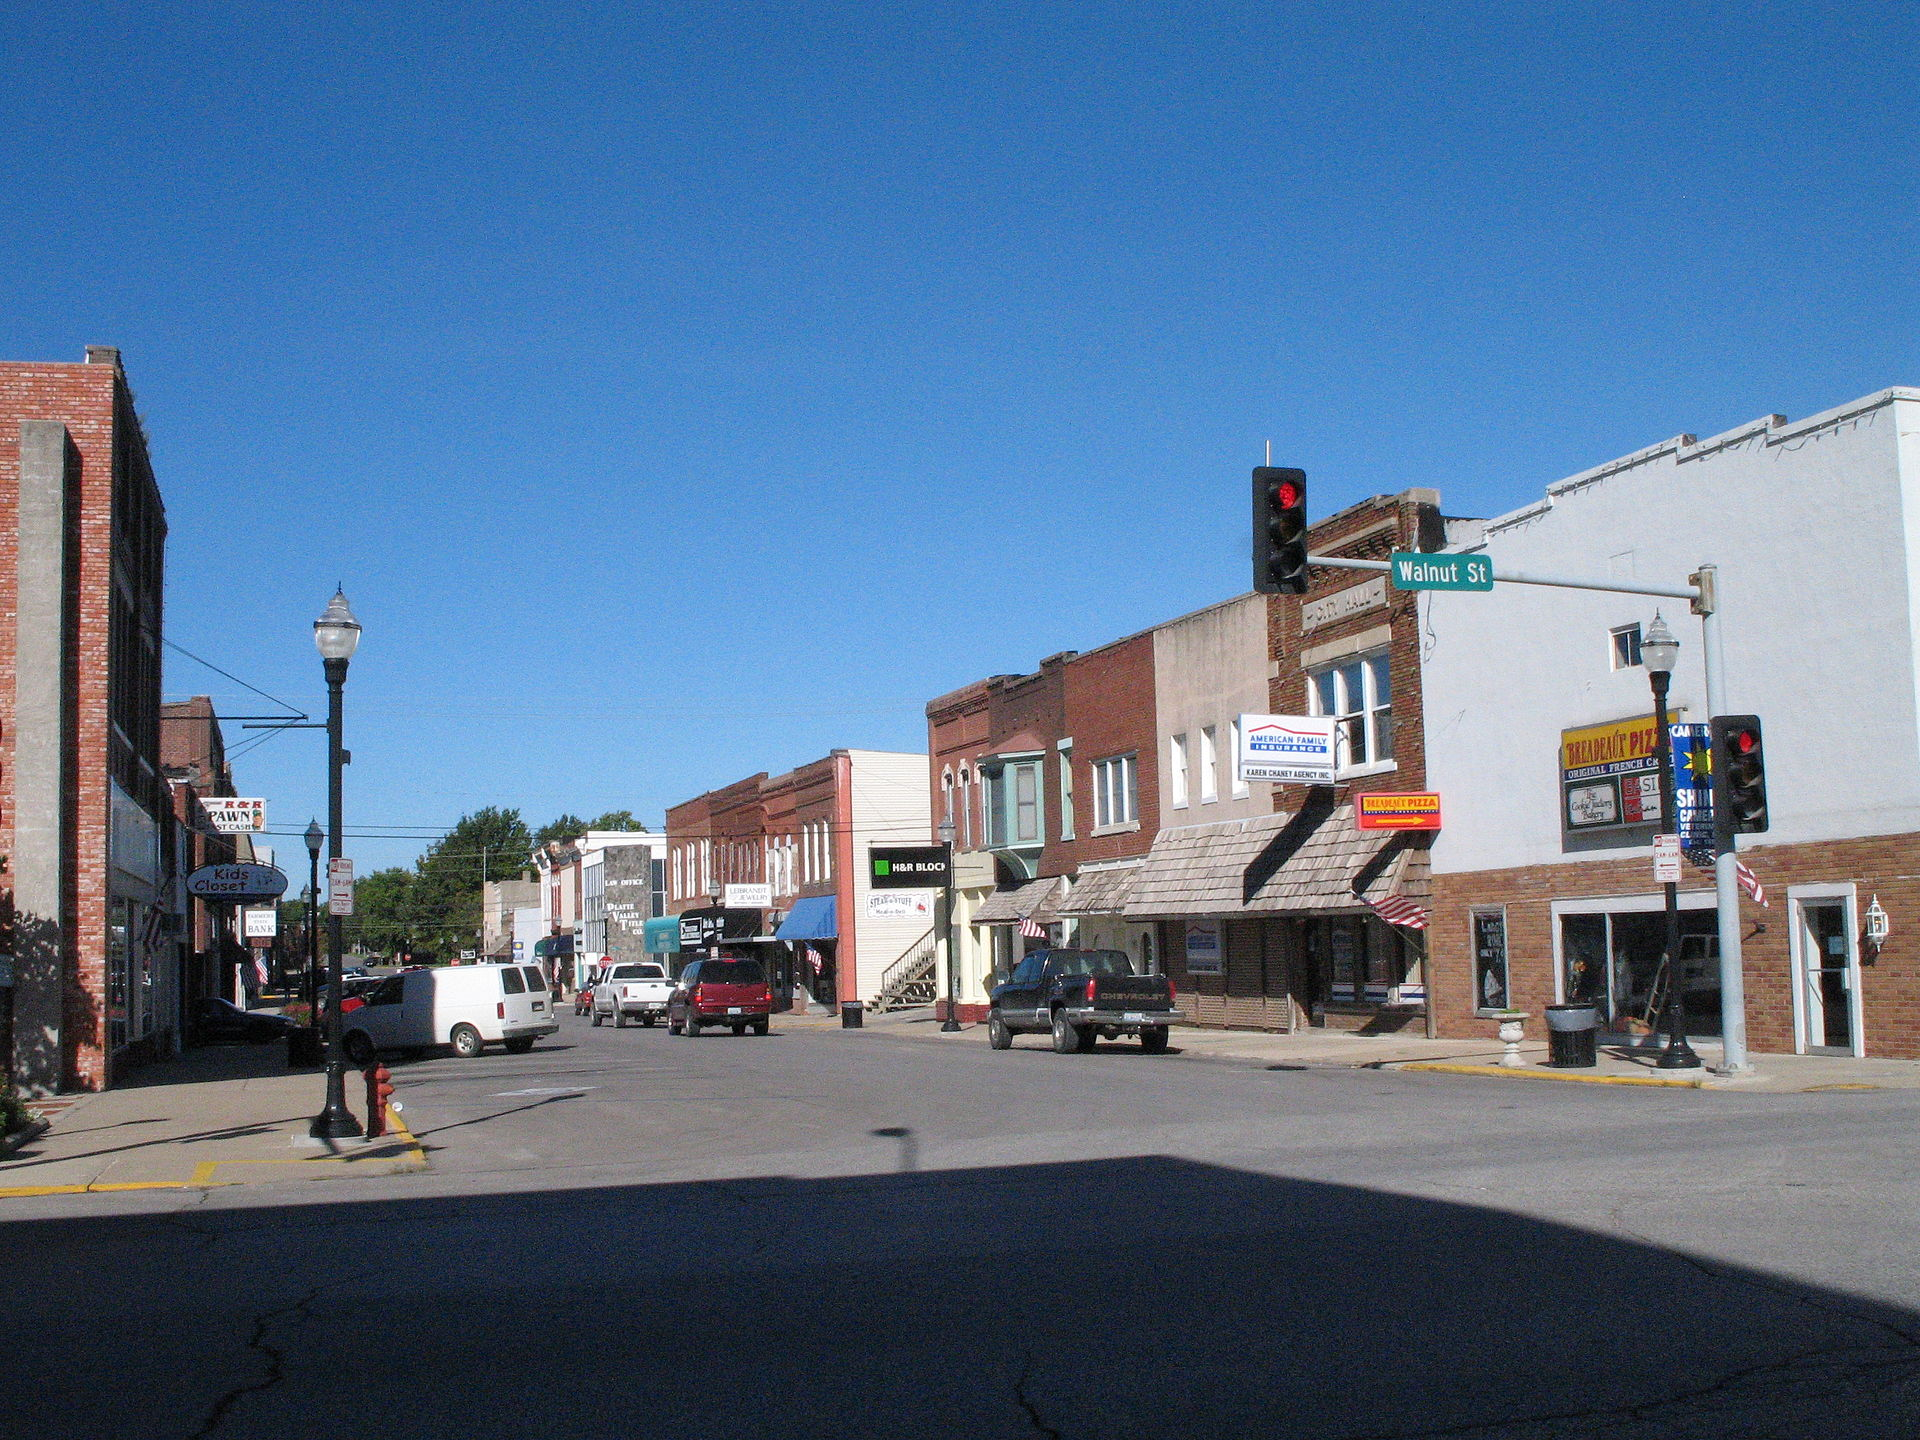 Cameron-town